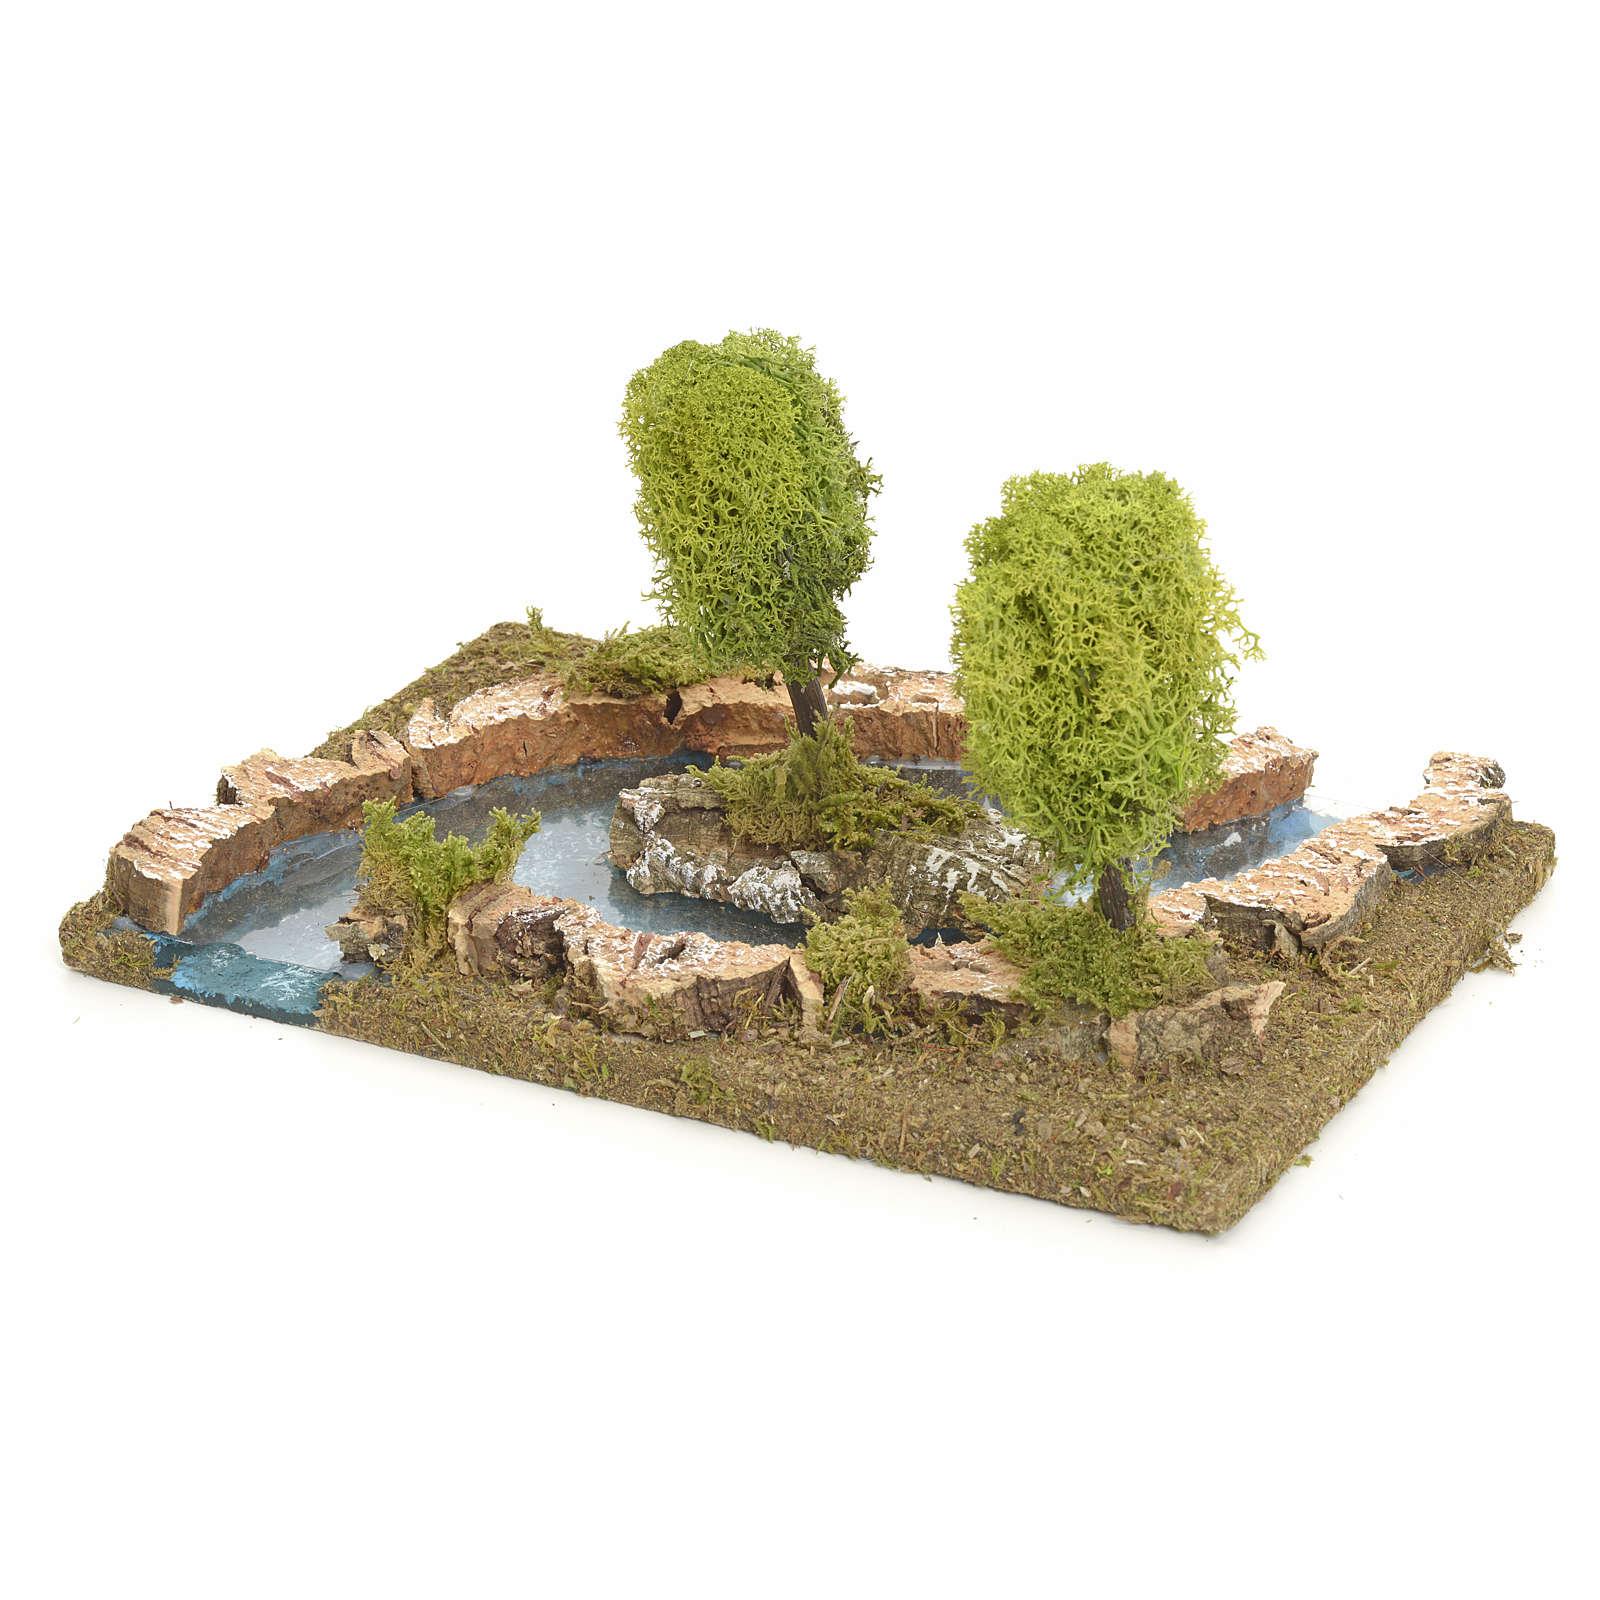 Bras de rivière avec îlot pour crèche de Noël 4